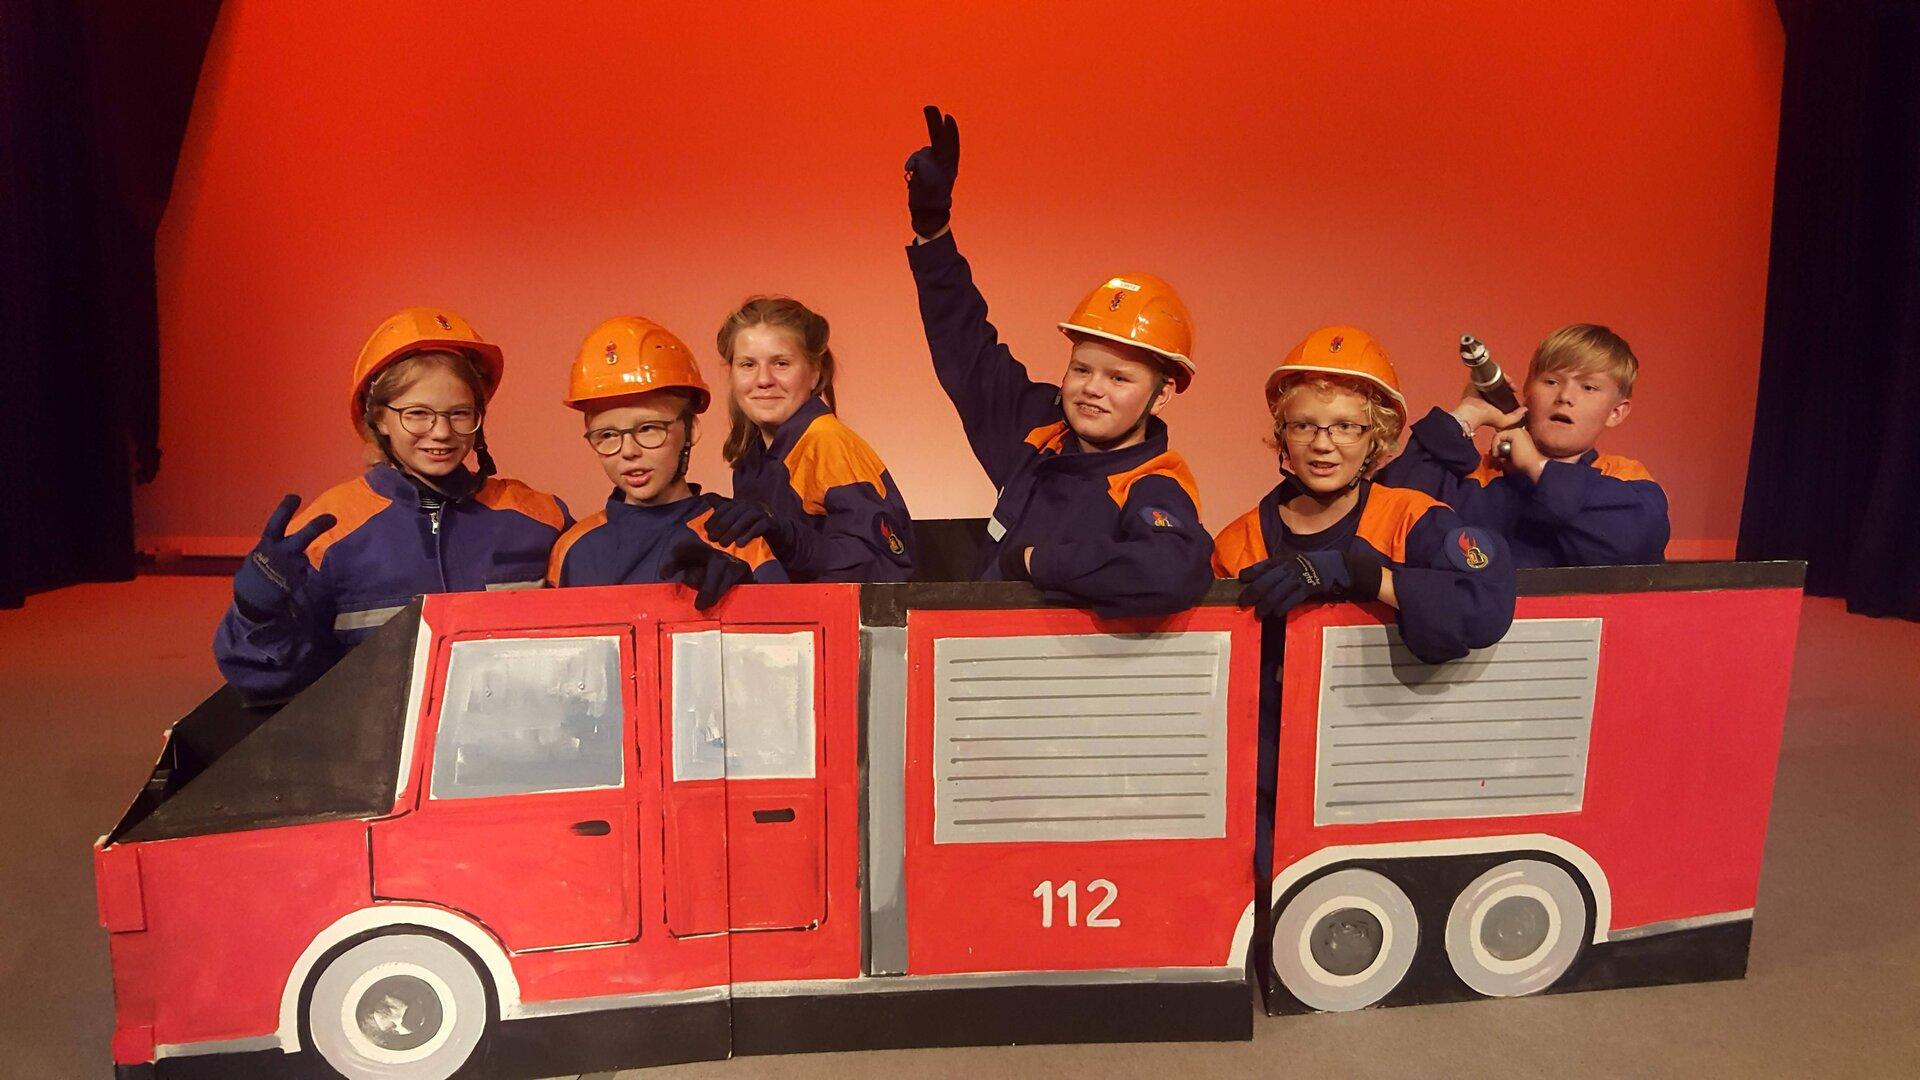 Feuerwehrbesatzung_2